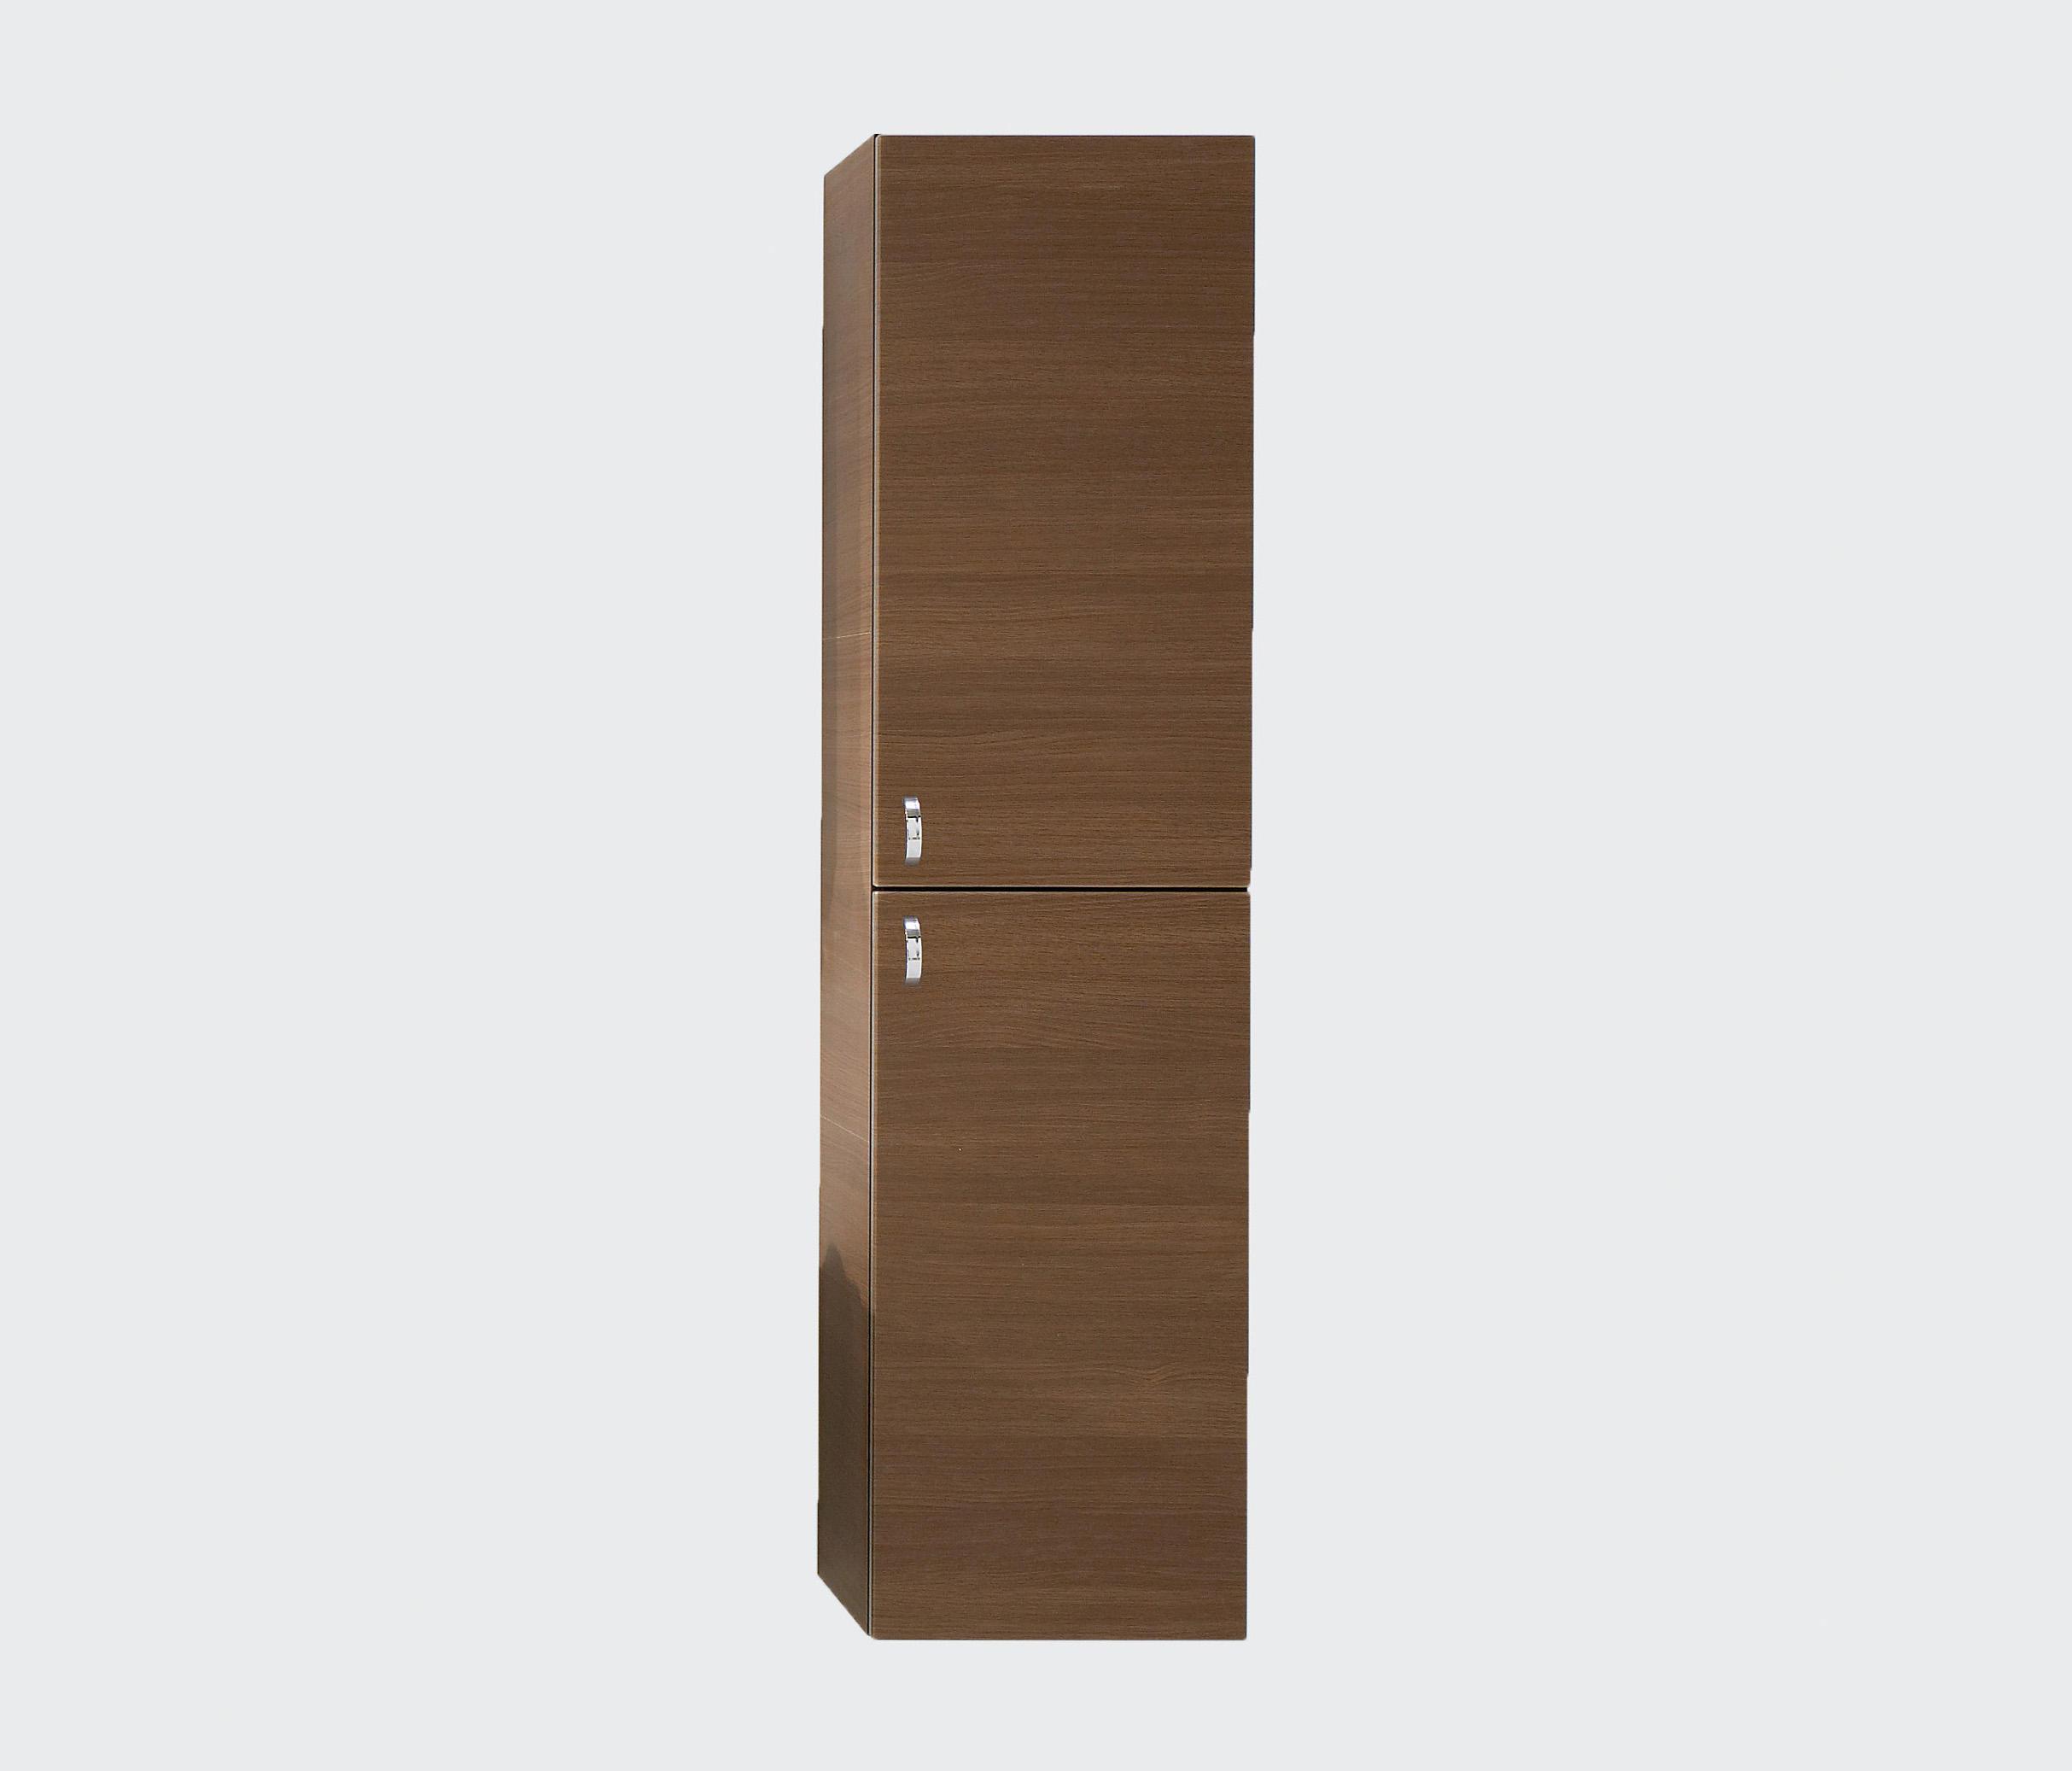 sinea | colonne - meubles muraux salle de bain de burgbad | architonic